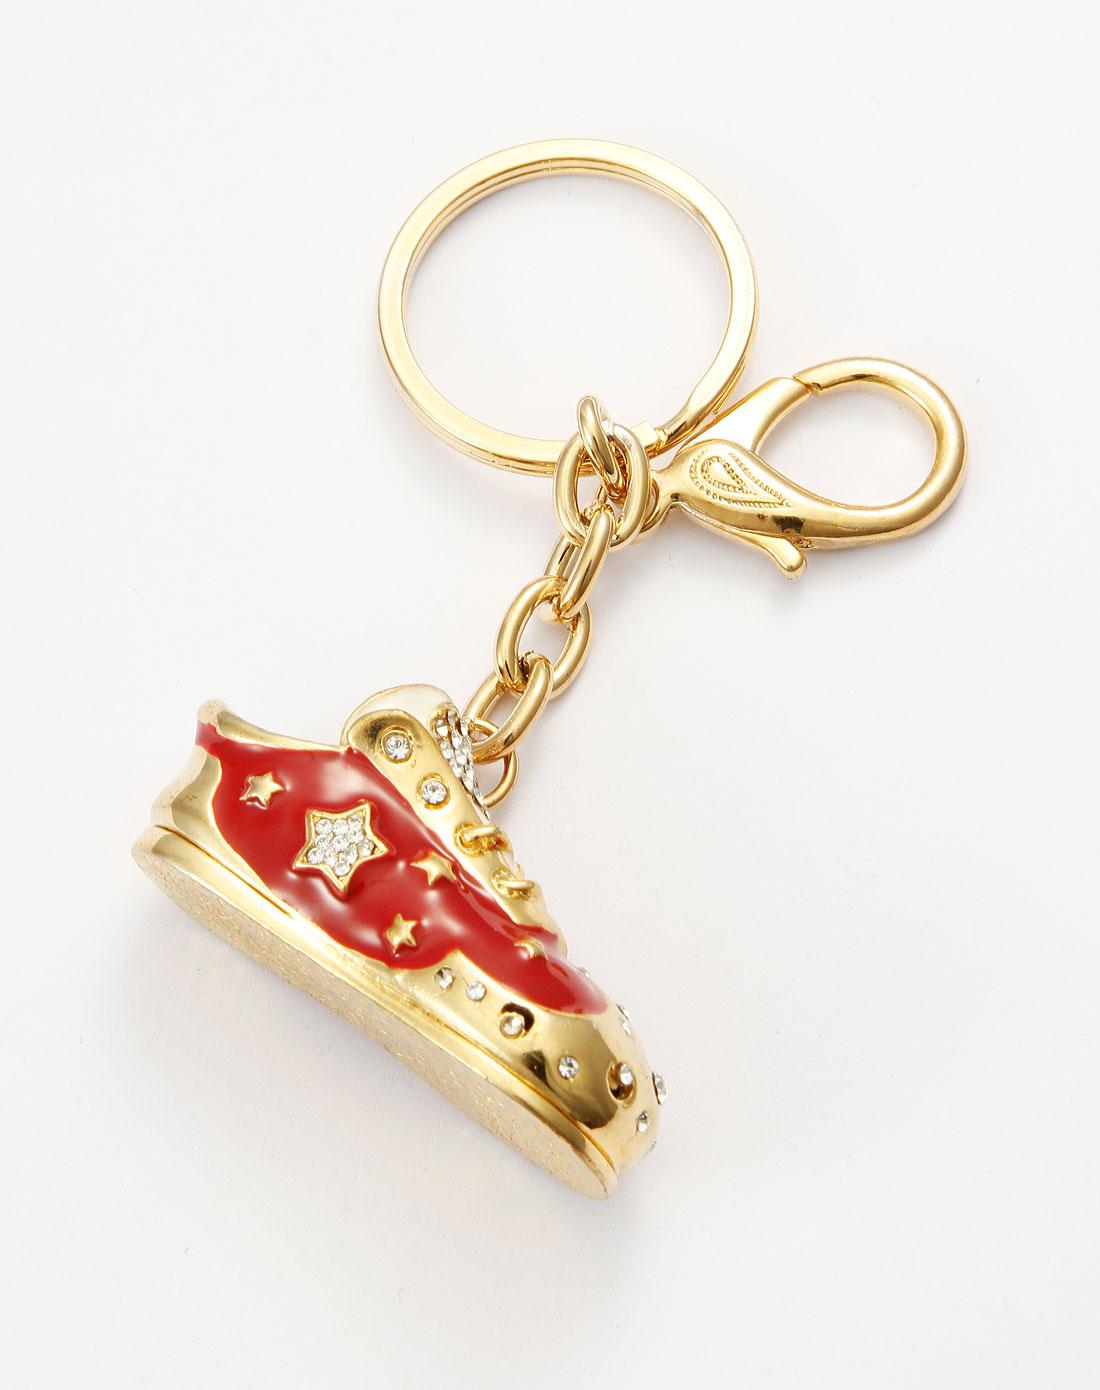 可爱红色球鞋钥匙扣